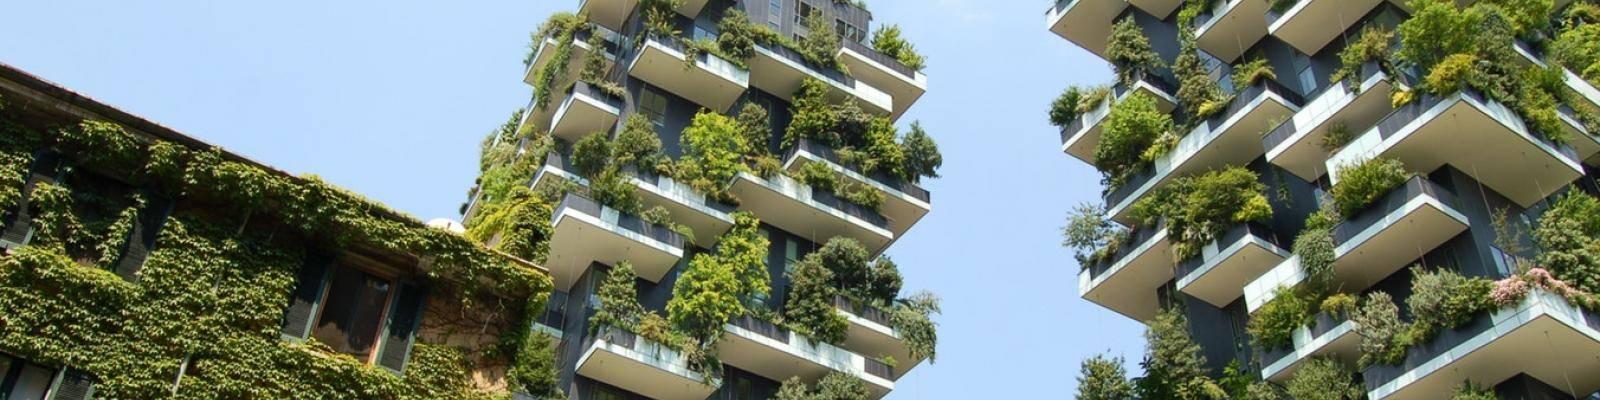 Appartementcomplexen met begroeiing